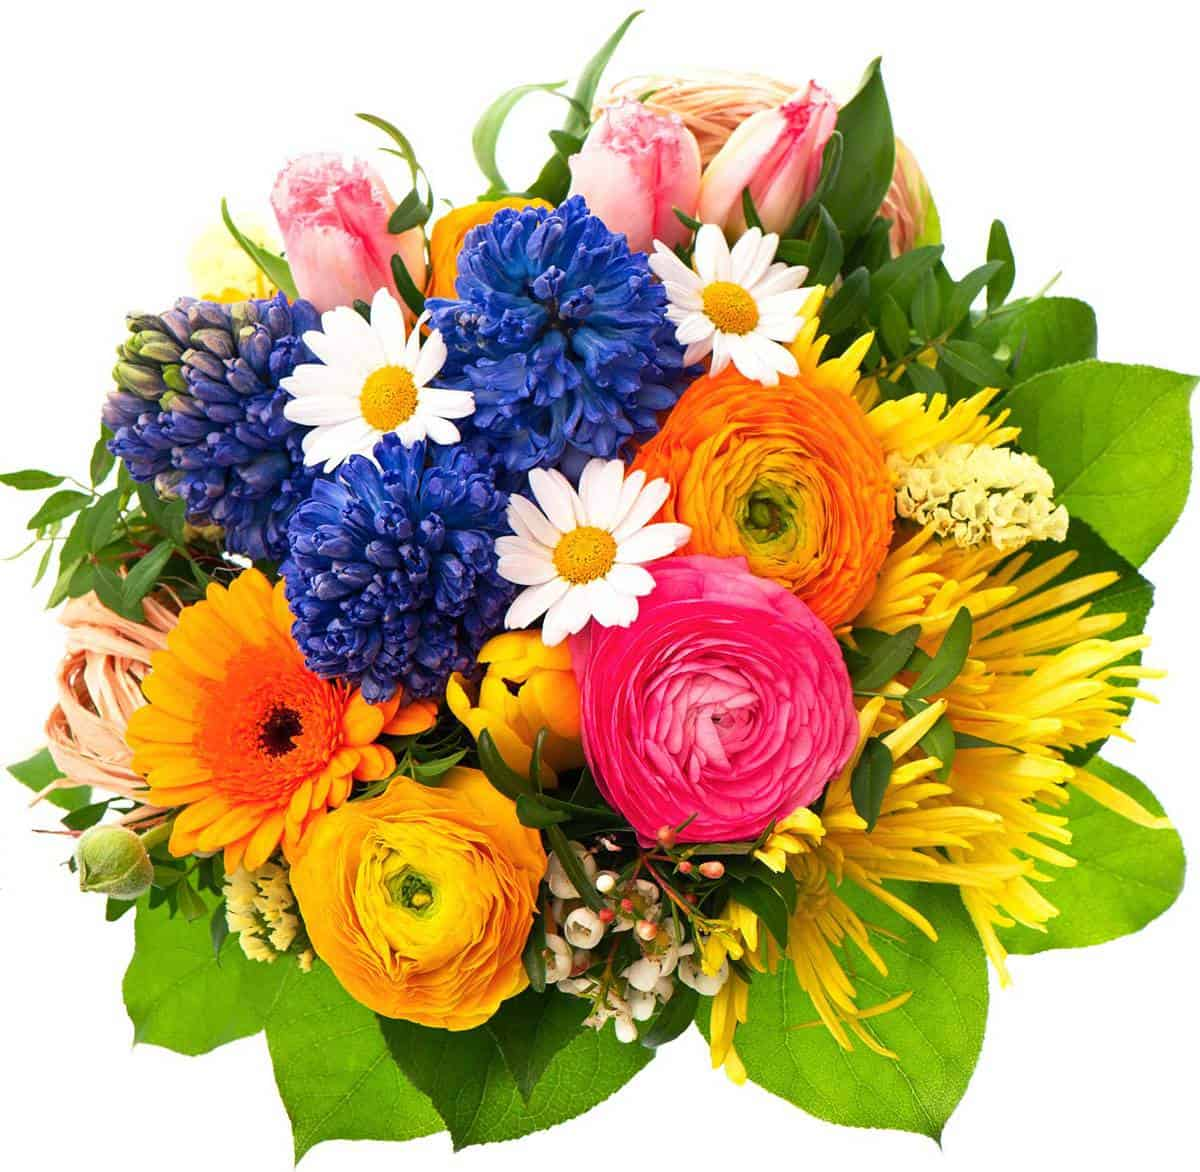 Colorful tulip bouquet arrangement